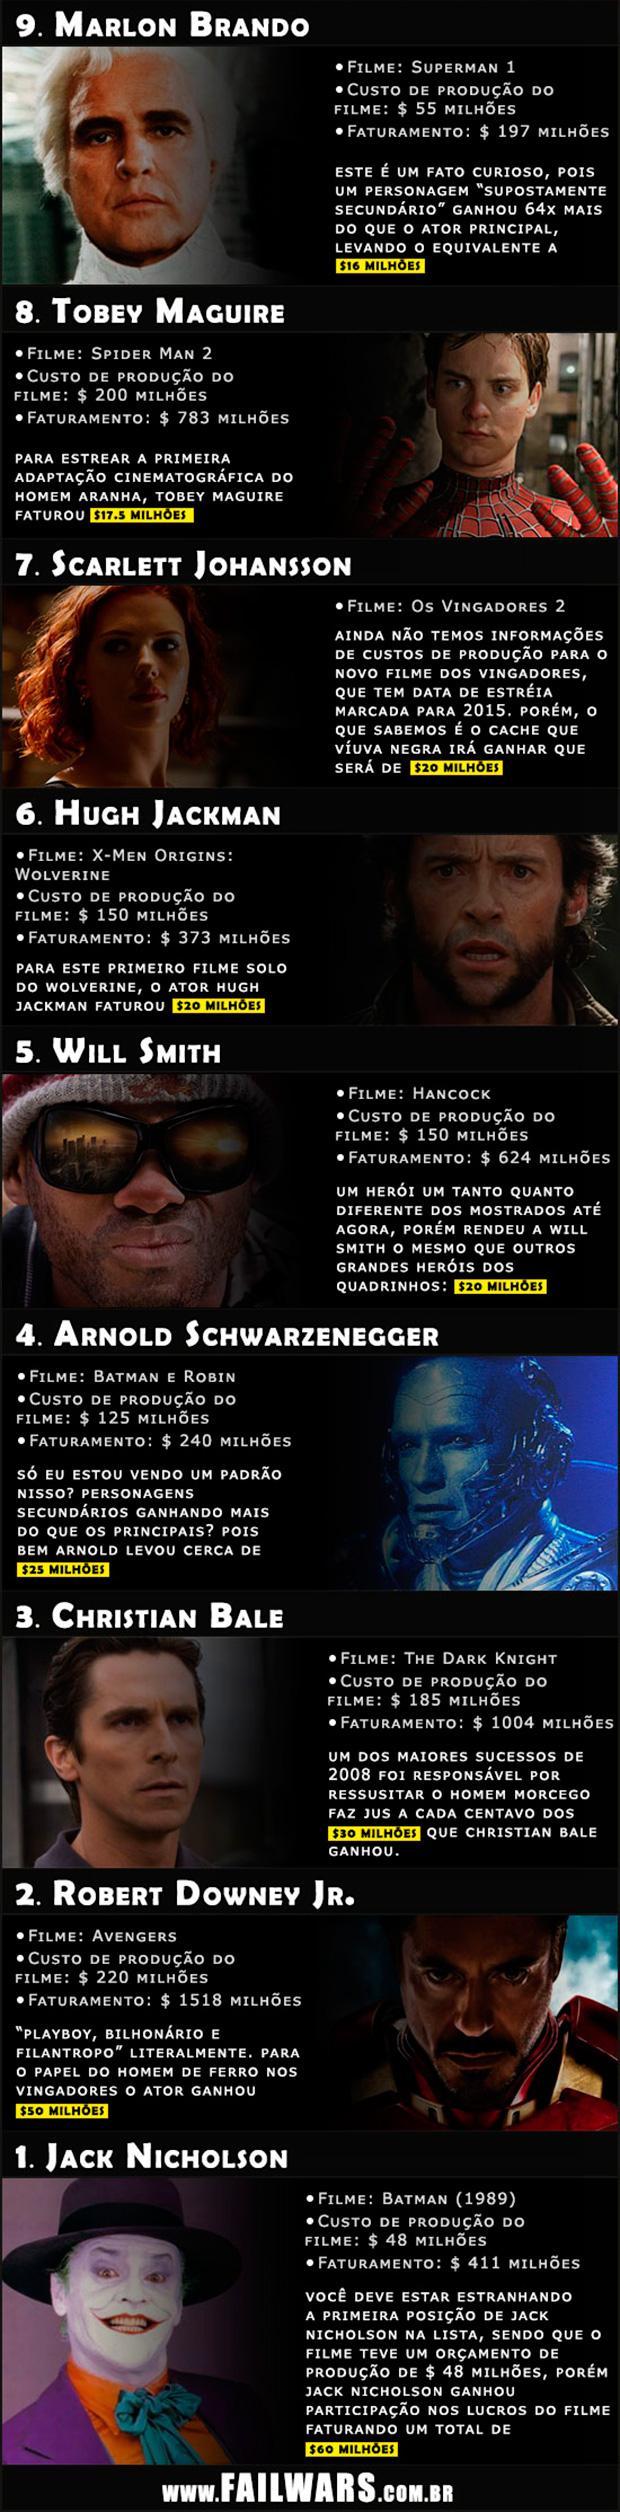 Os-Super-Heróis-e-Super-Vilões-mais-bem-pagos-da-história-do-cinema-2_02